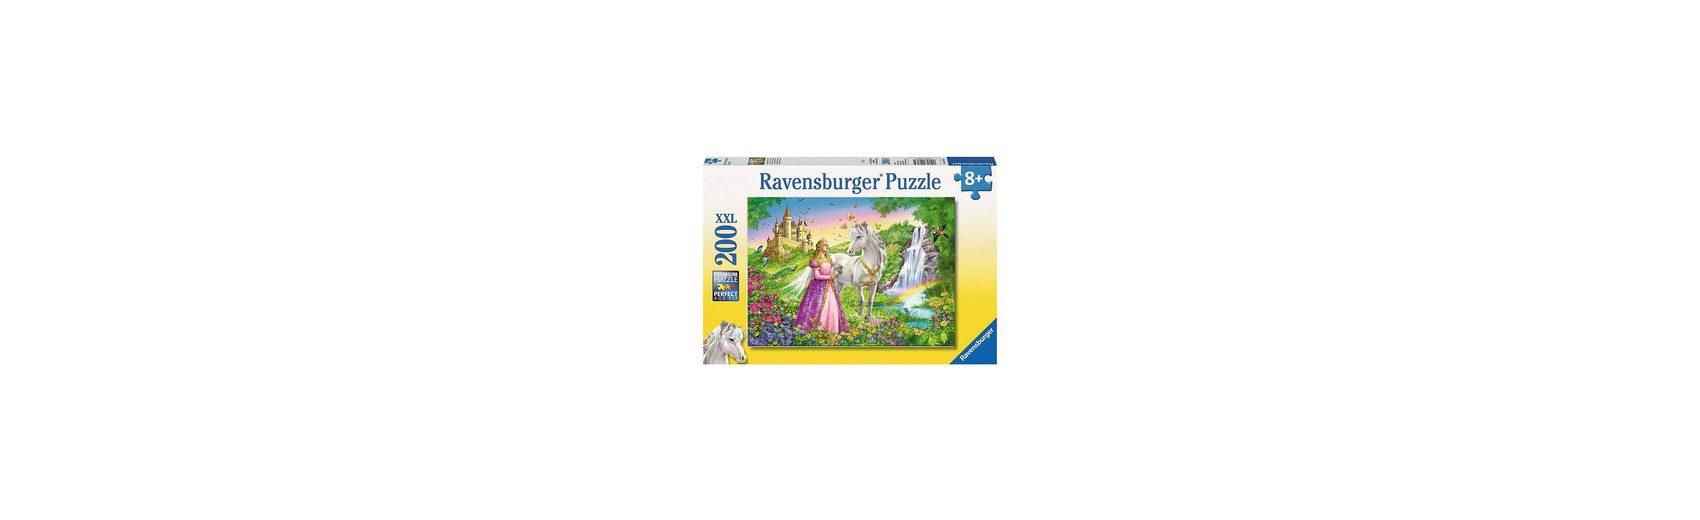 Ravensburger Puzzle XXL 200 Teile Prinzessin mit Pferd